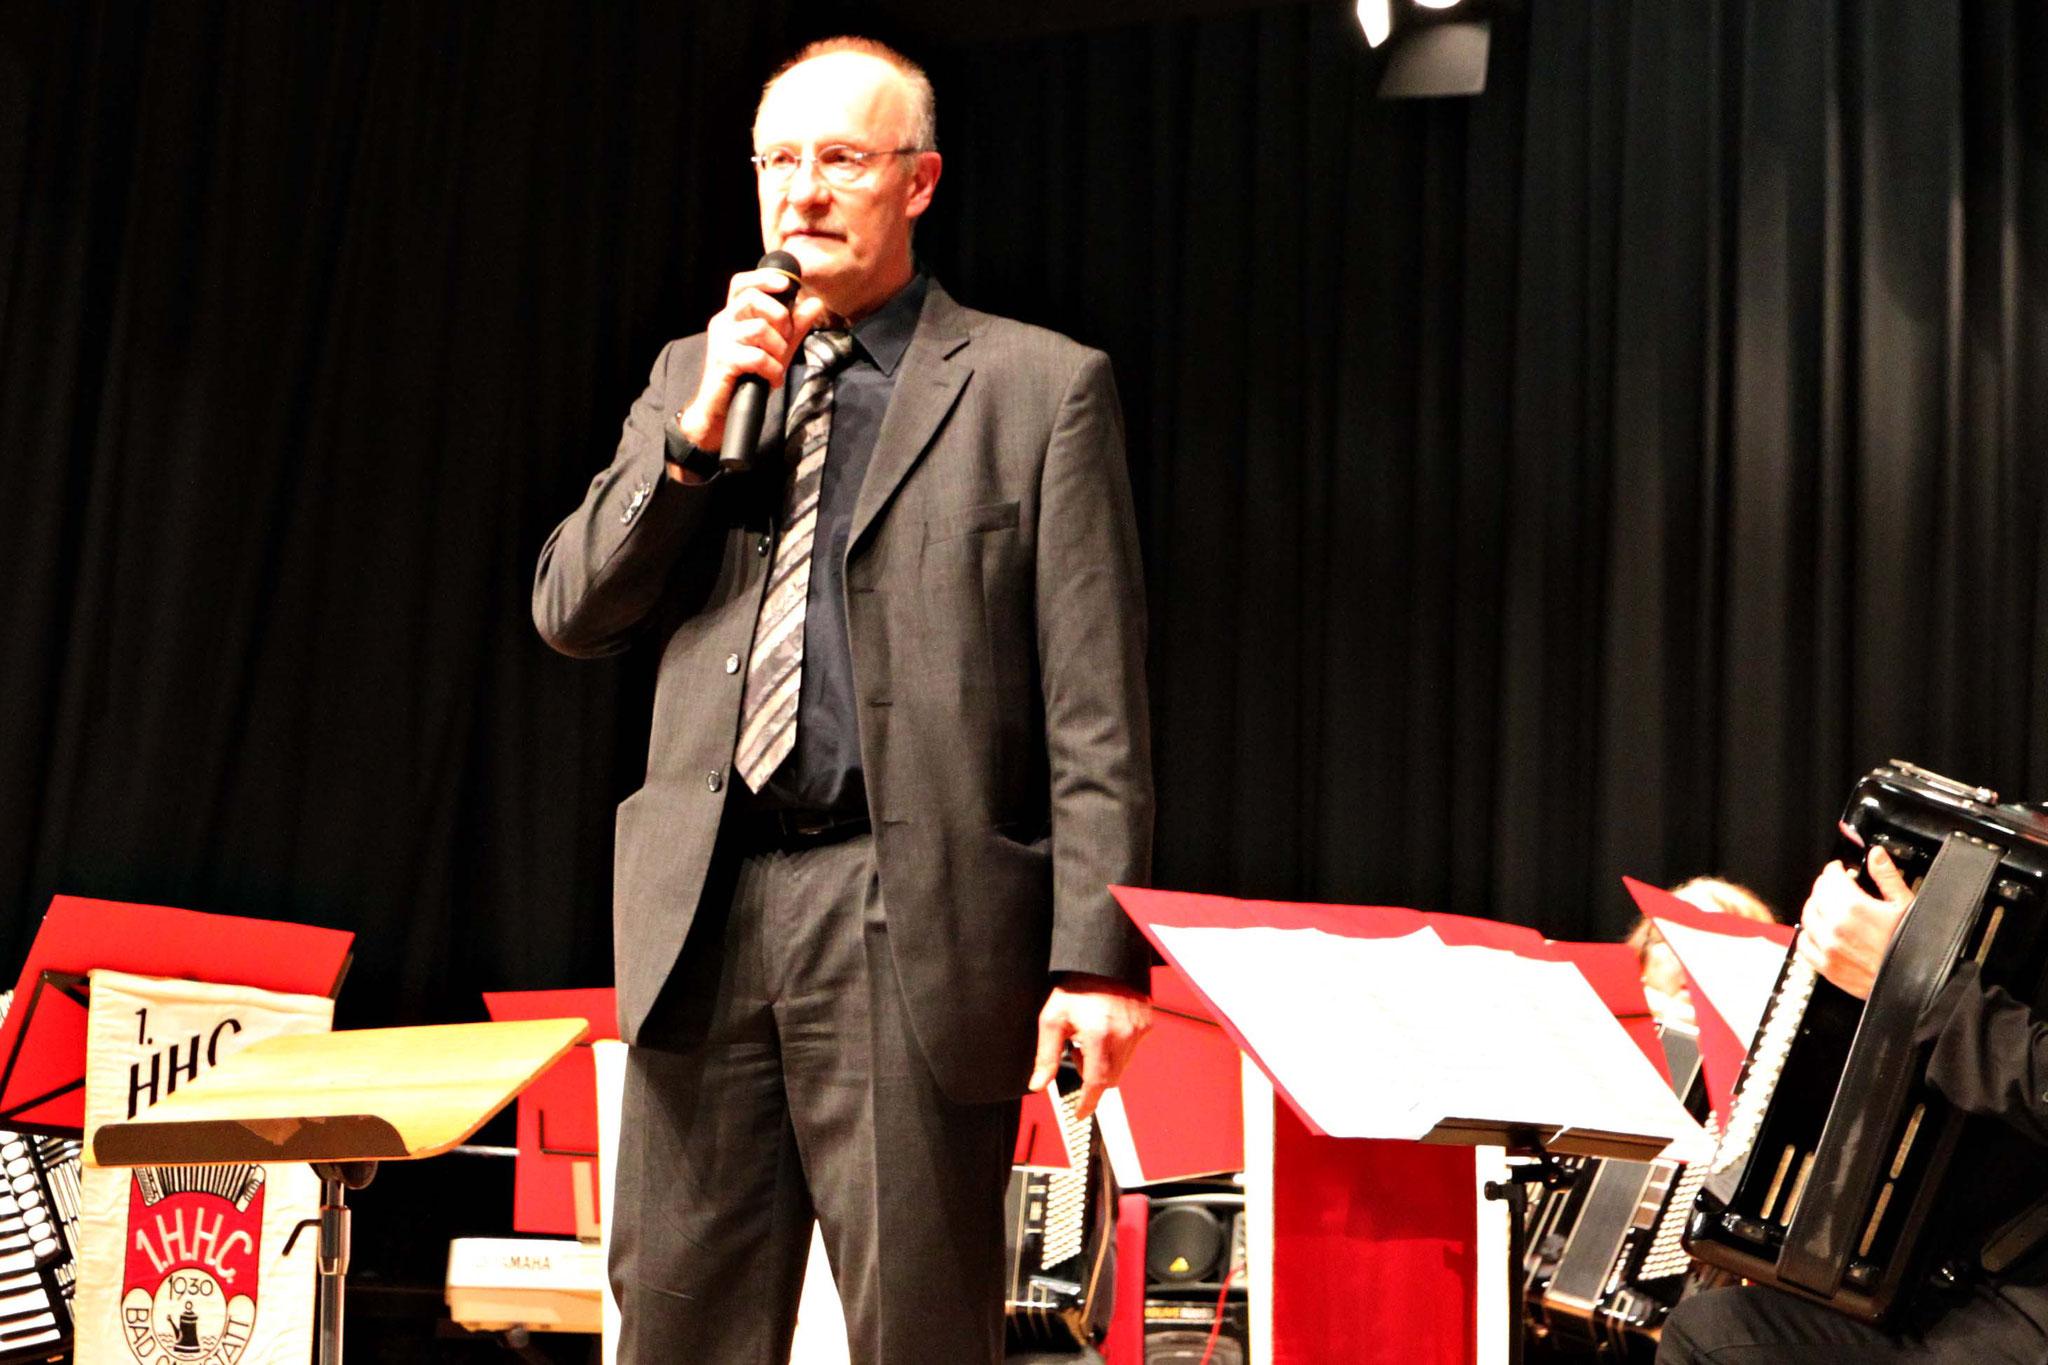 Peter Hauke begrüßte im Namen des VCV-Vorstands die über 200 Besucherinnen und Besucher.